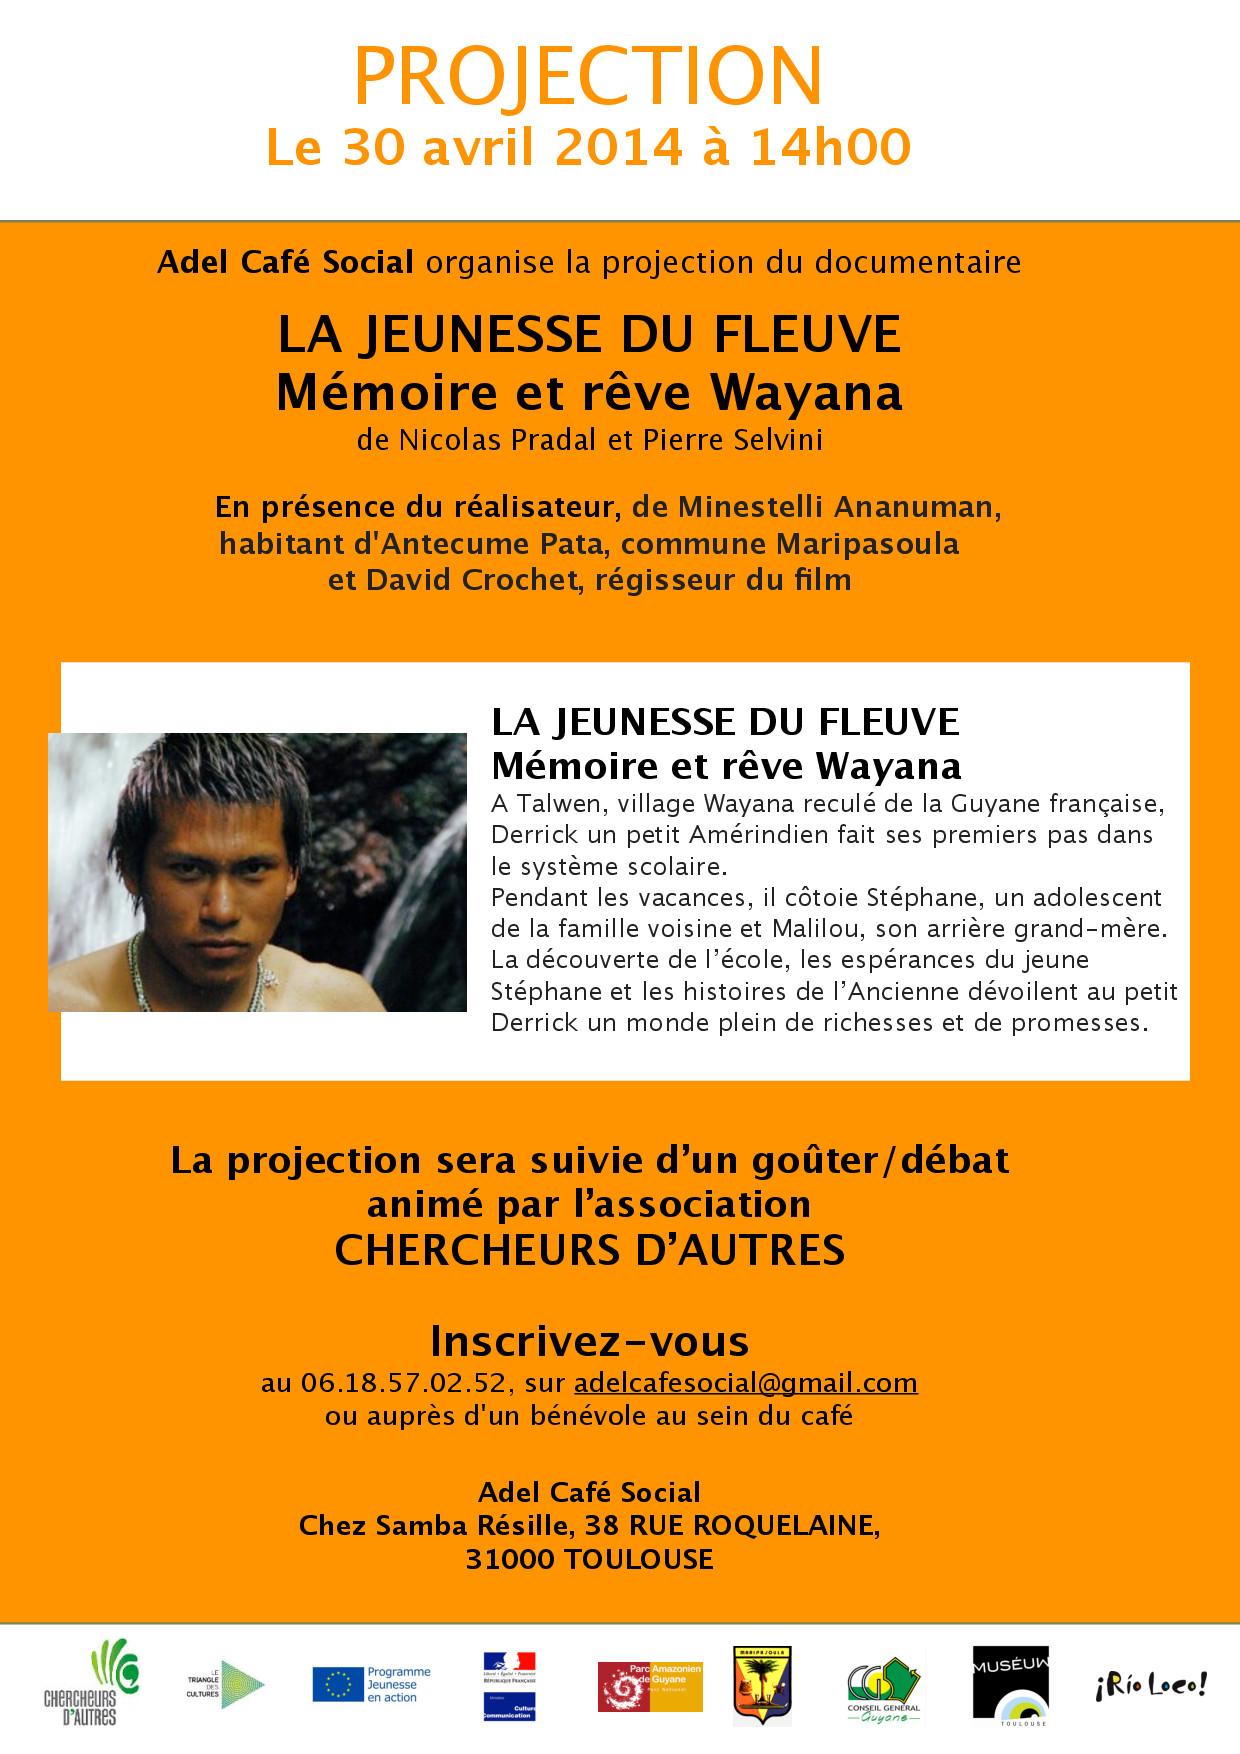 """Projection """"La jeunesse du Fleuve"""" à Adel Café Social 30 avril 14h"""